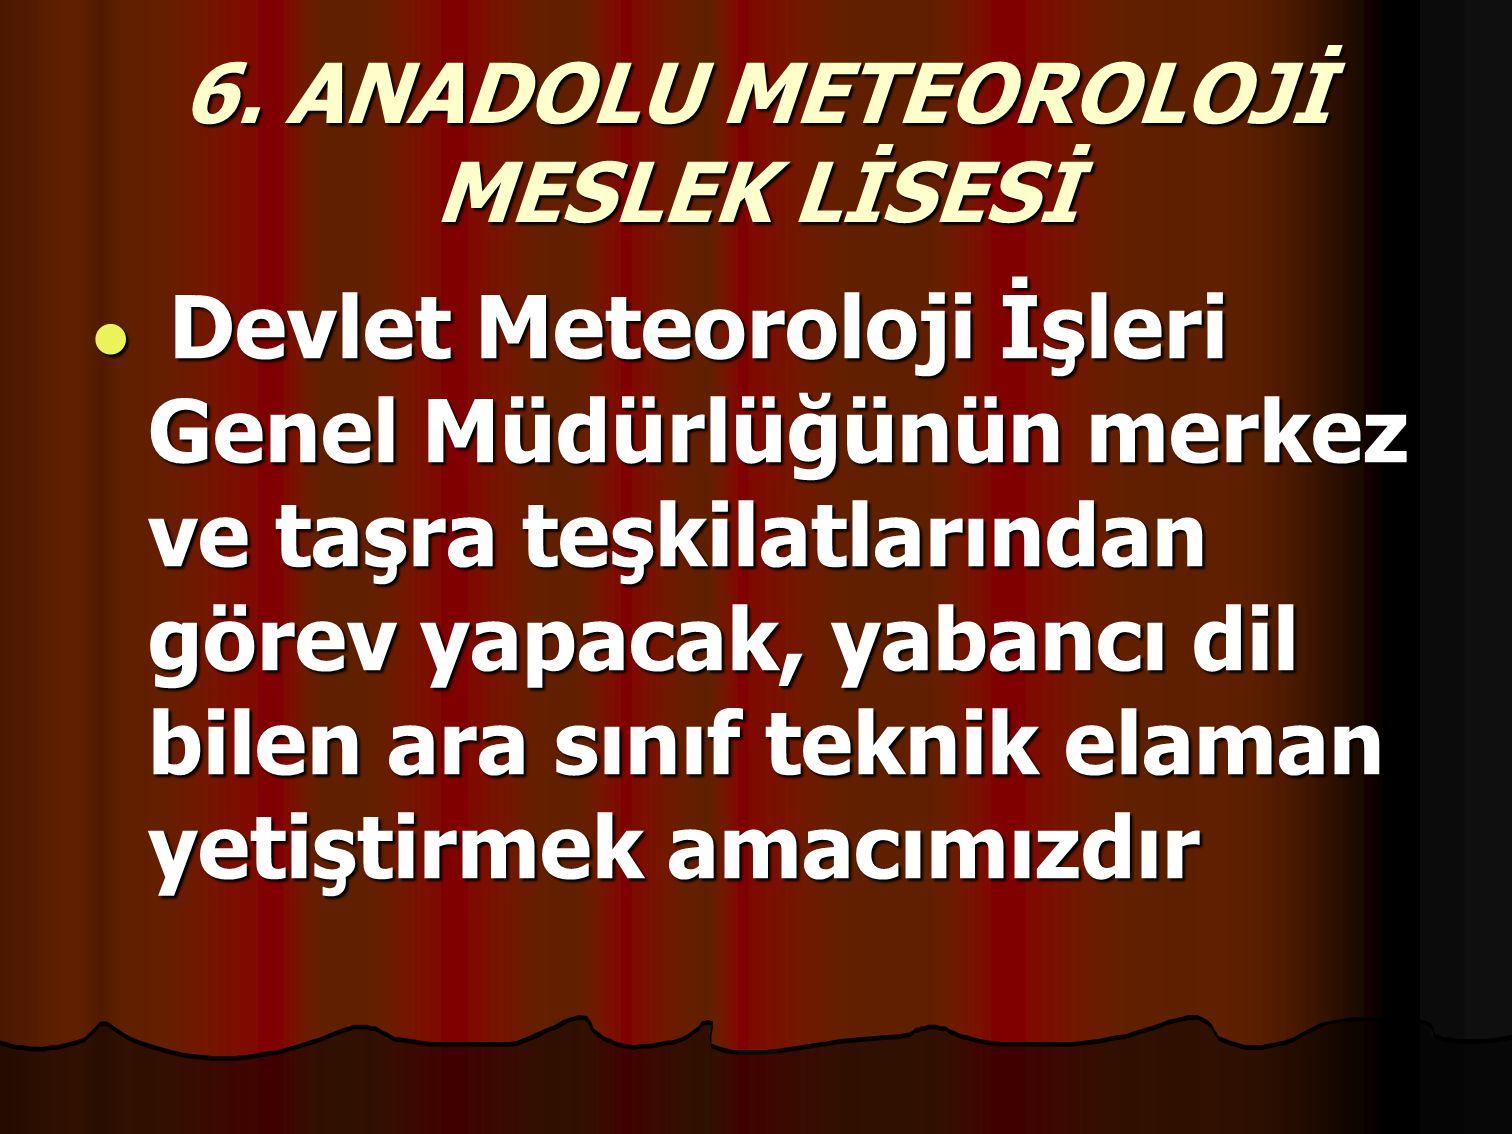 6. ANADOLU METEOROLOJİ MESLEK LİSESİ Devlet Meteoroloji İşleri Genel Müdürlüğünün merkez ve taşra teşkilatlarından görev yapacak, yabancı dil bilen ar